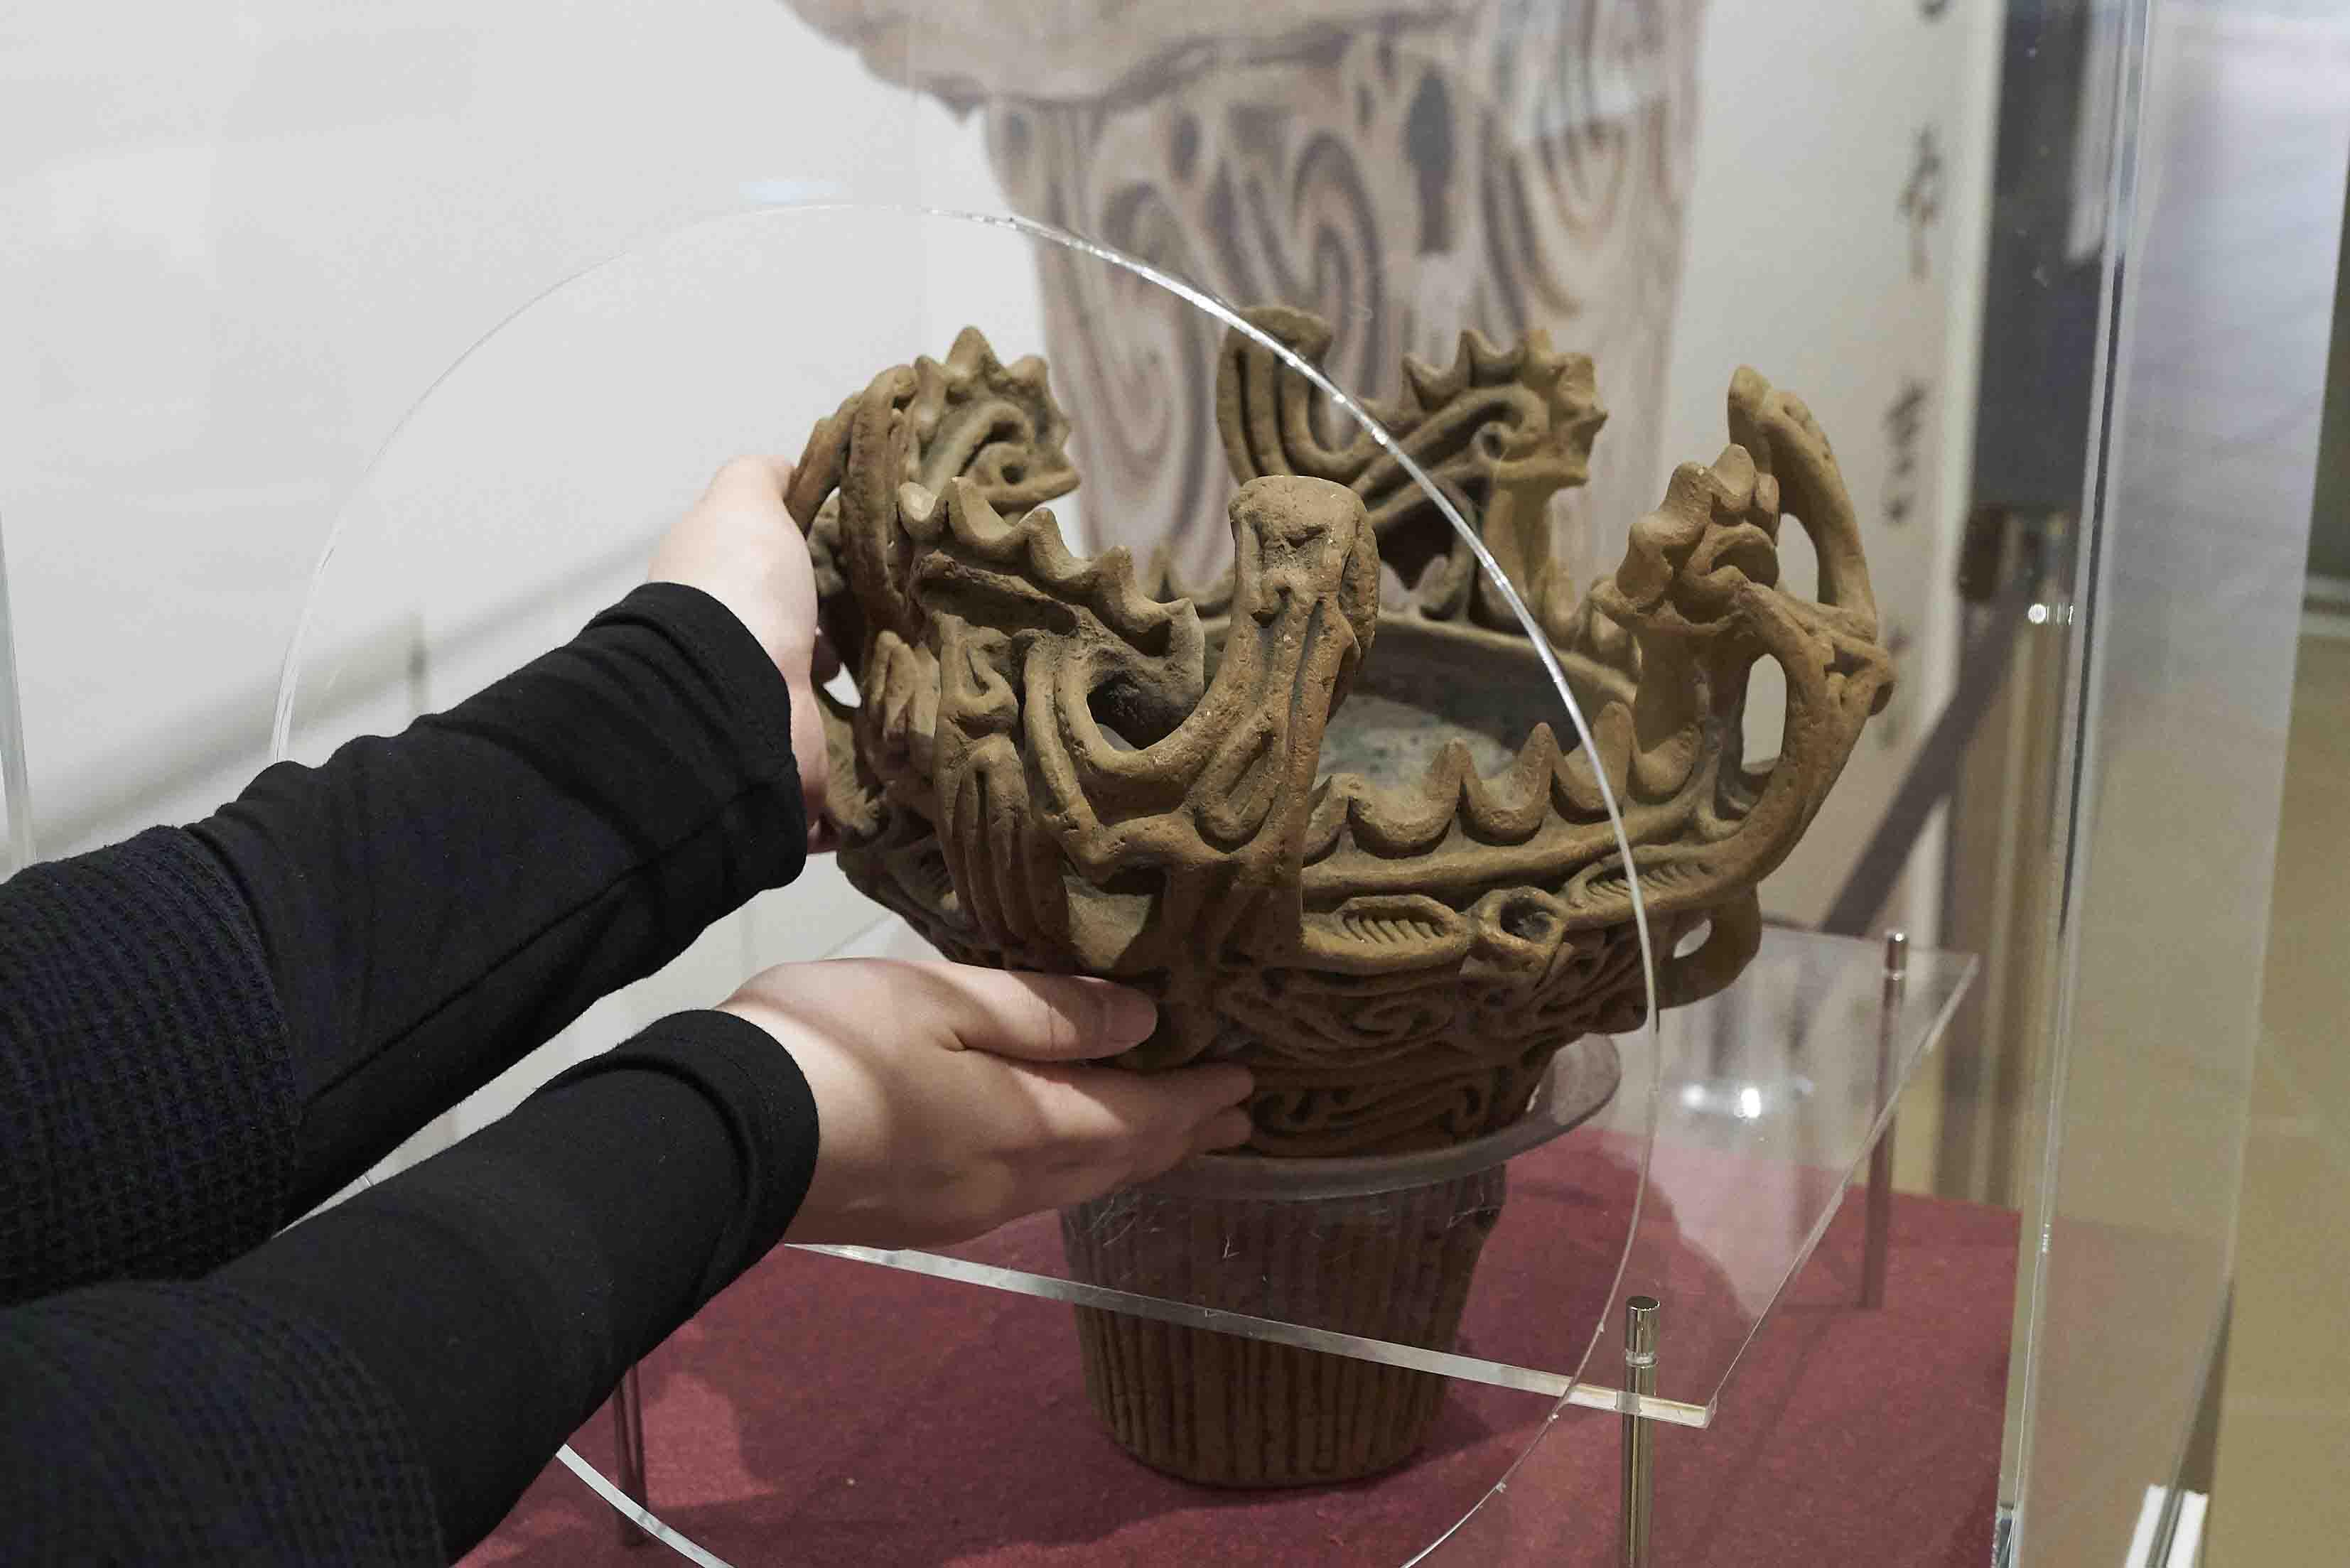 縄文土器のレプリカ。手で触れてその感触を体験できる